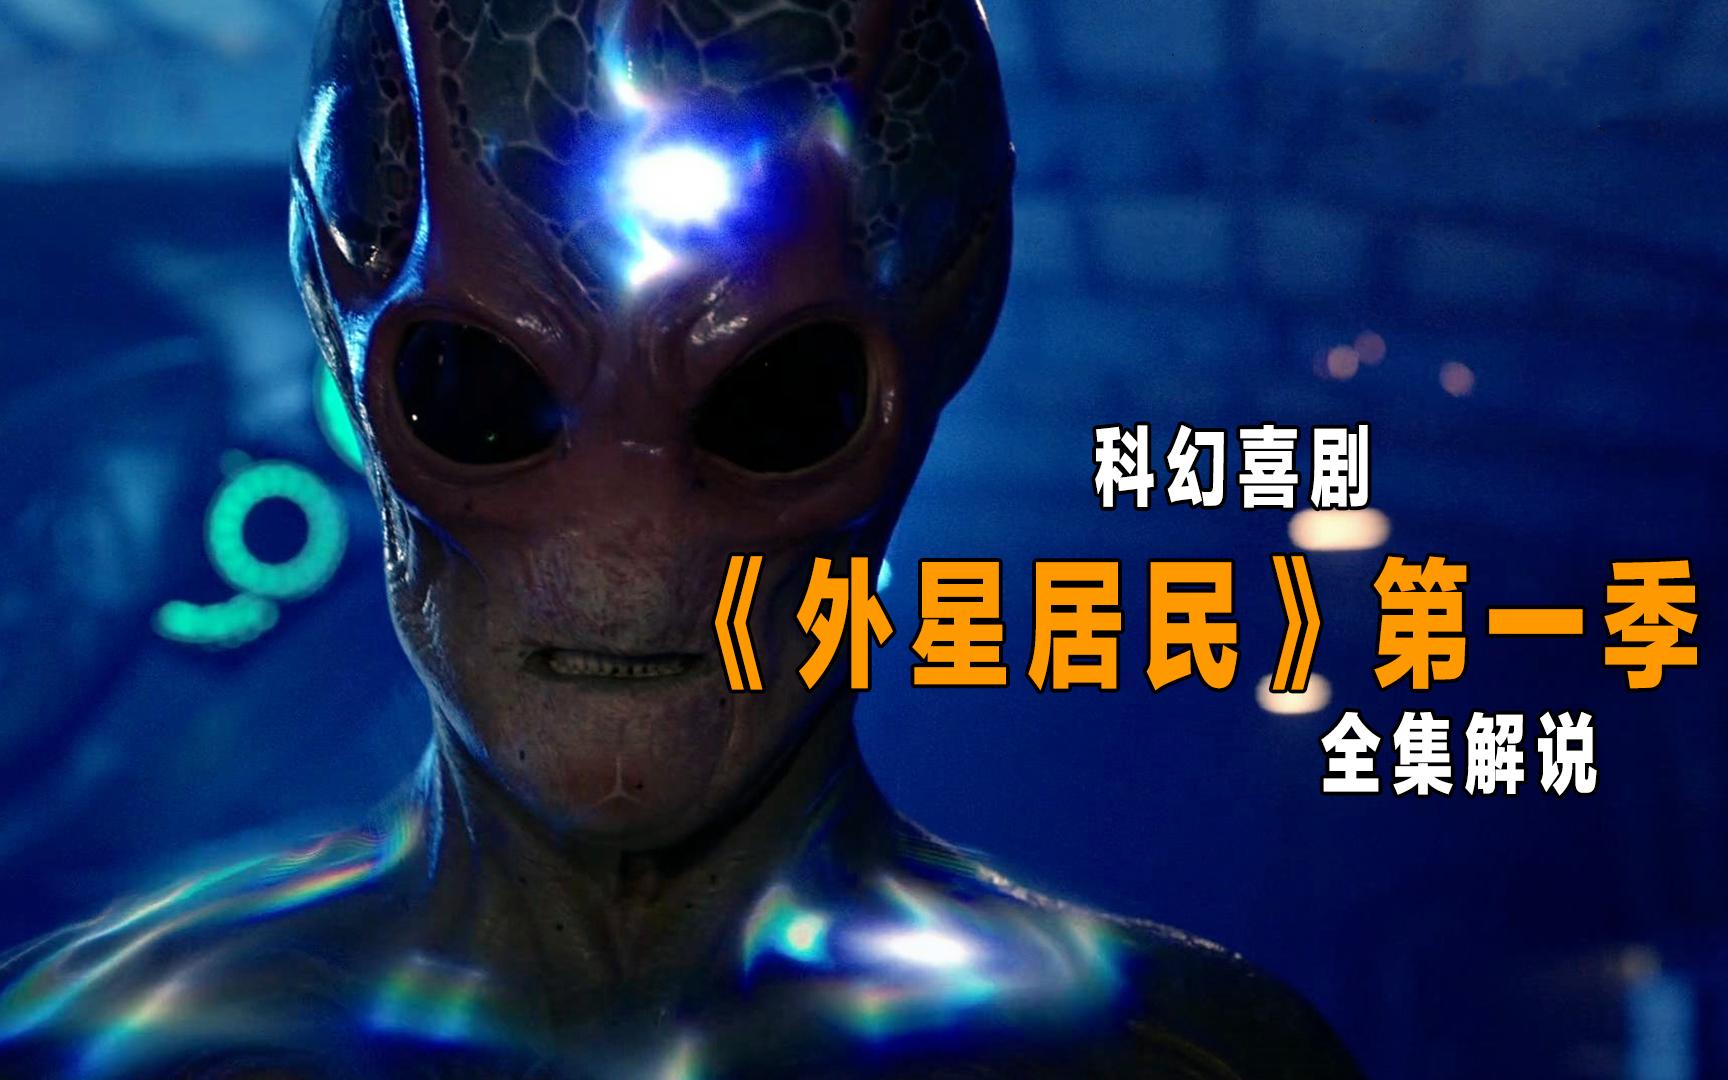 沙雕科幻喜剧《外星居民》第一季全集解说!